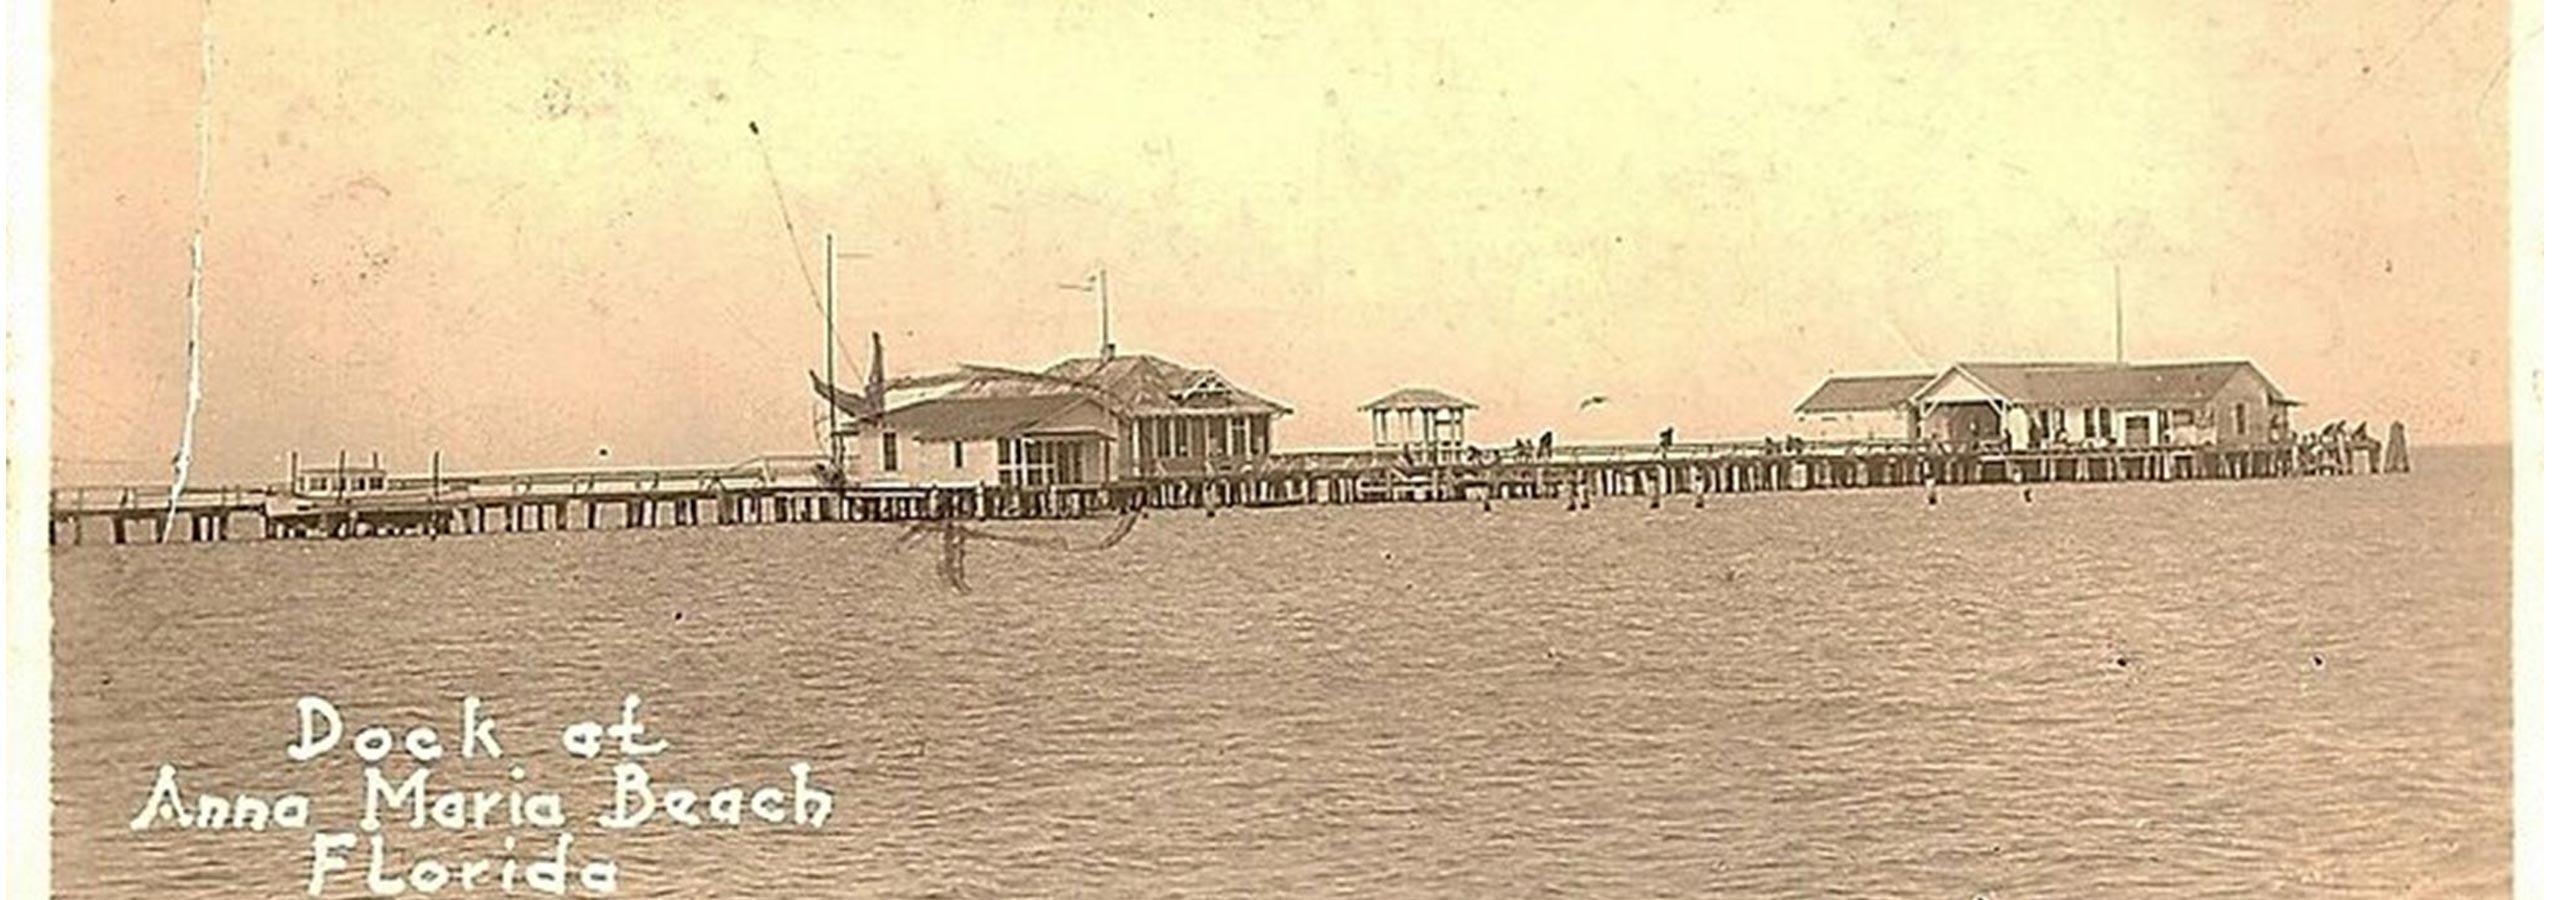 anna maria island history